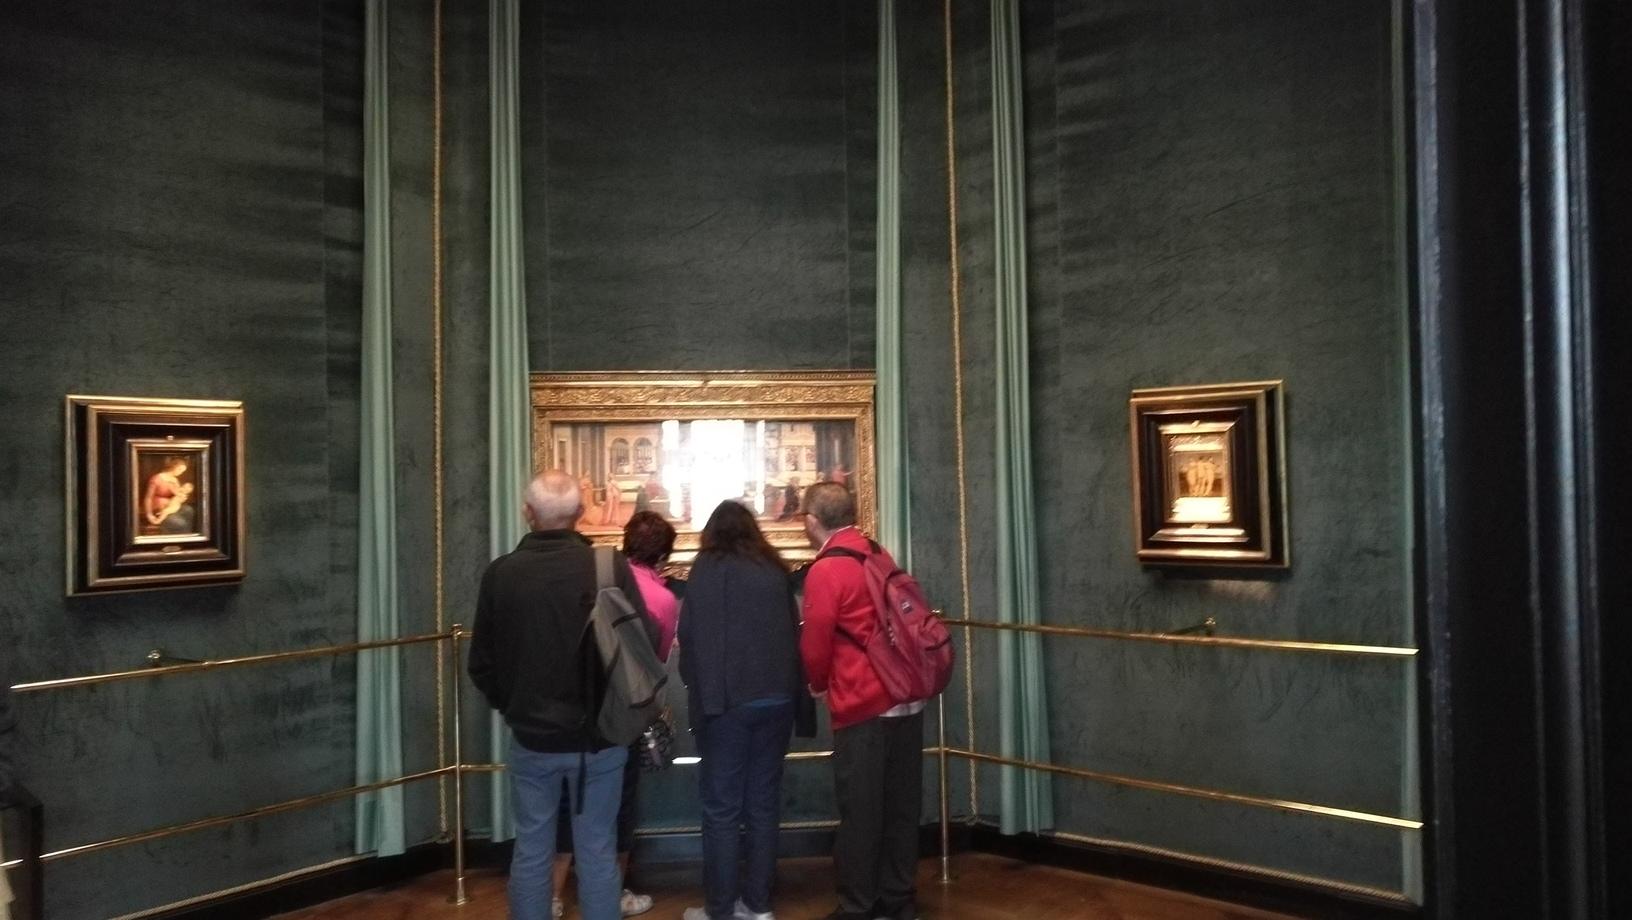 นักท่องเที่ยวมุง ภาพ Esther